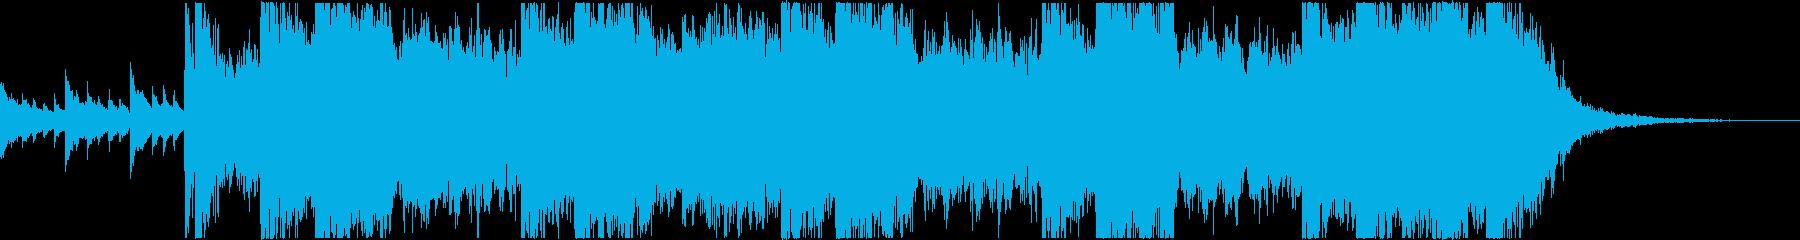 和風 歴史 壮大な曲の再生済みの波形